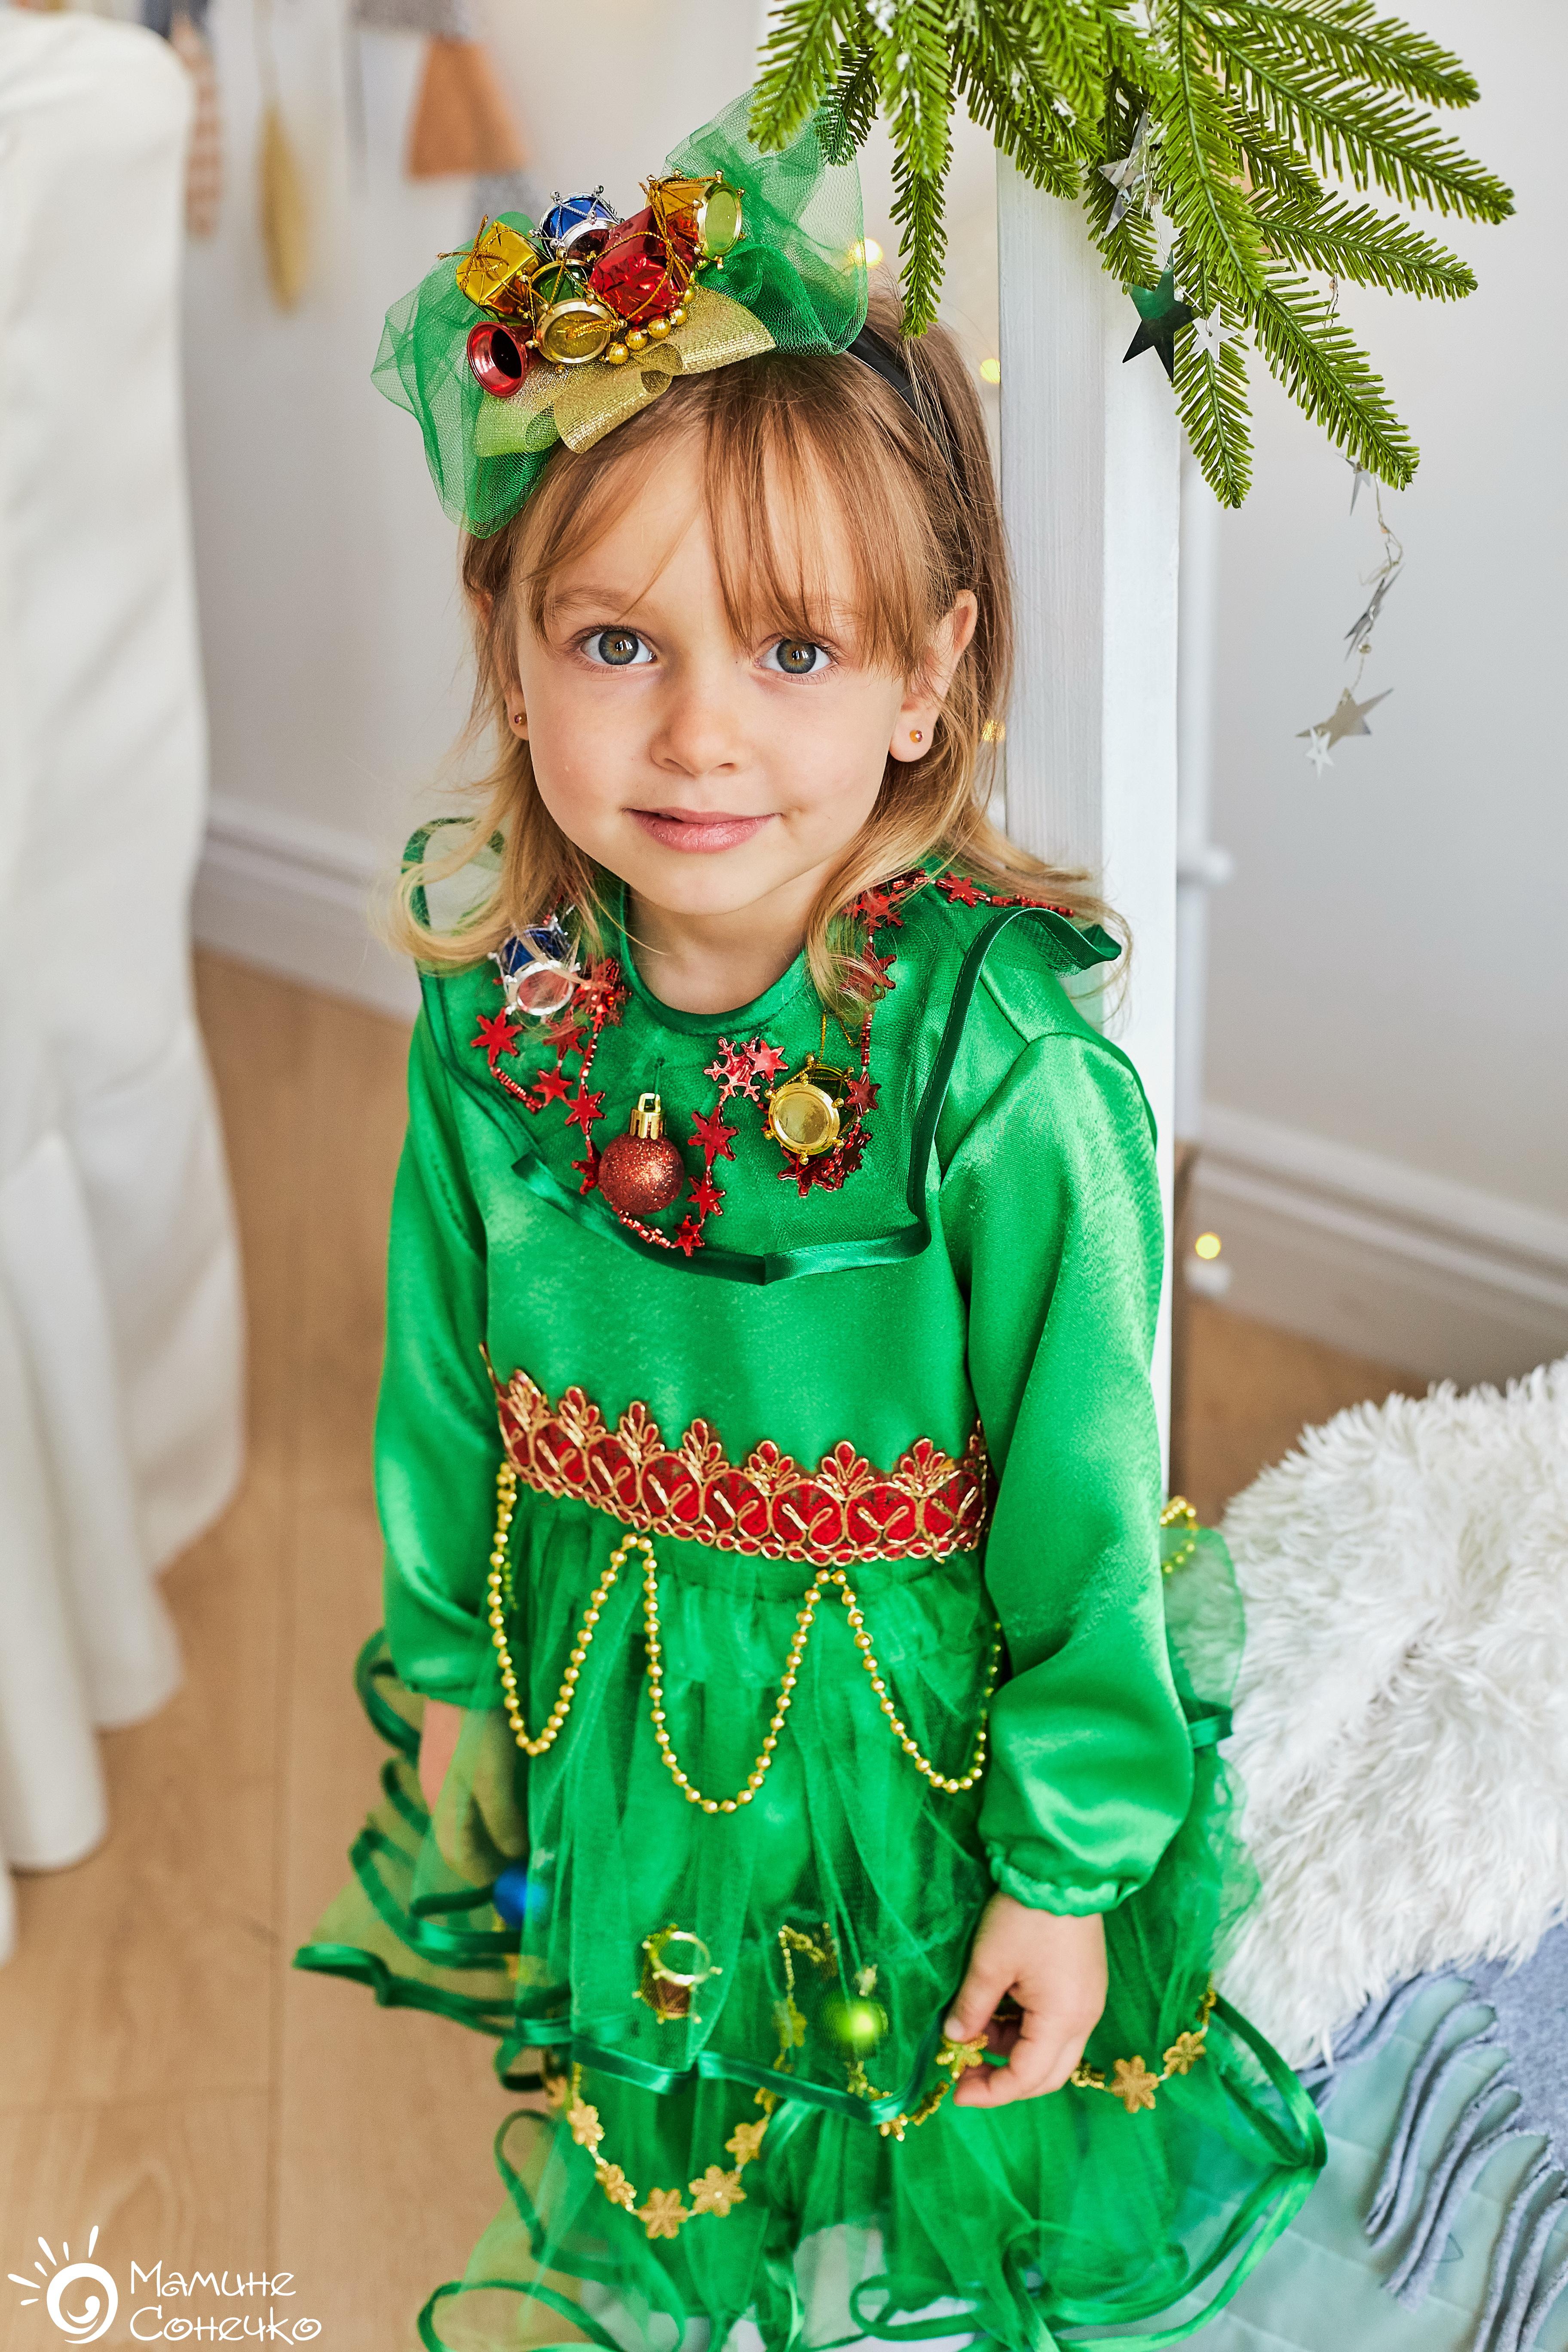 kostium-yalynochka-mala-2